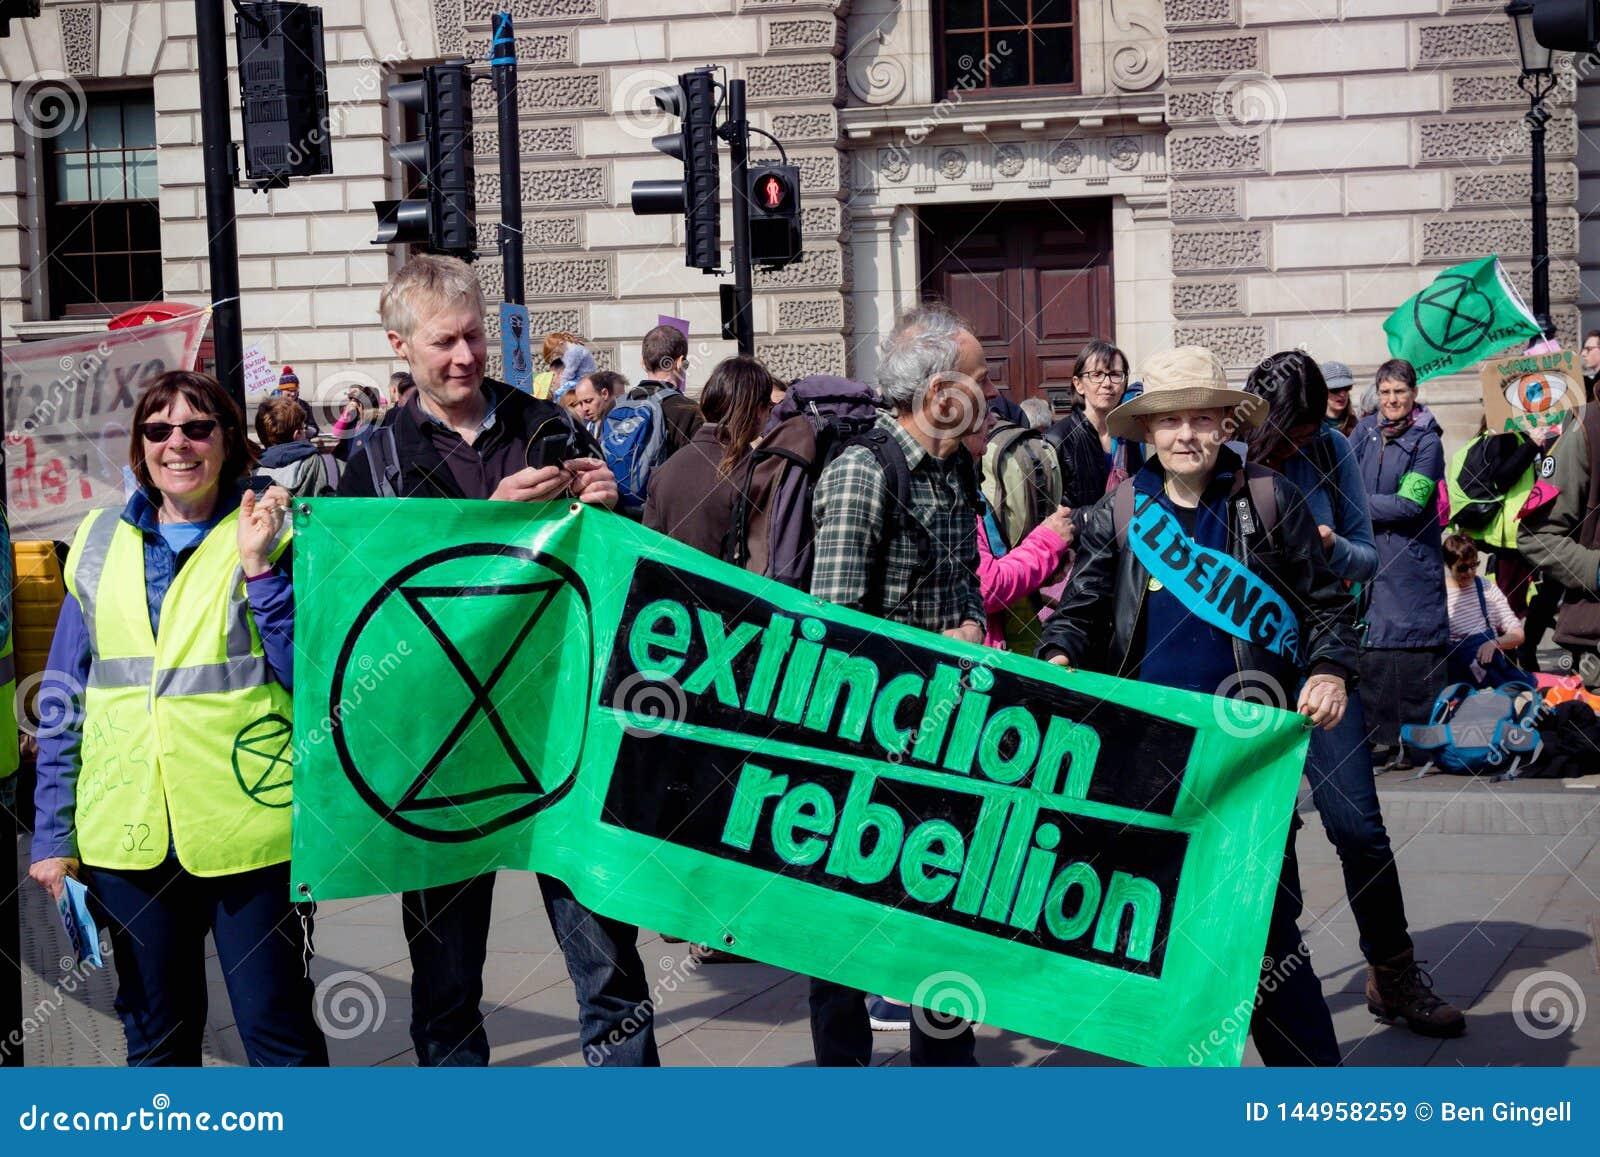 Protesta de la rebelión de Exctintion en Londres central